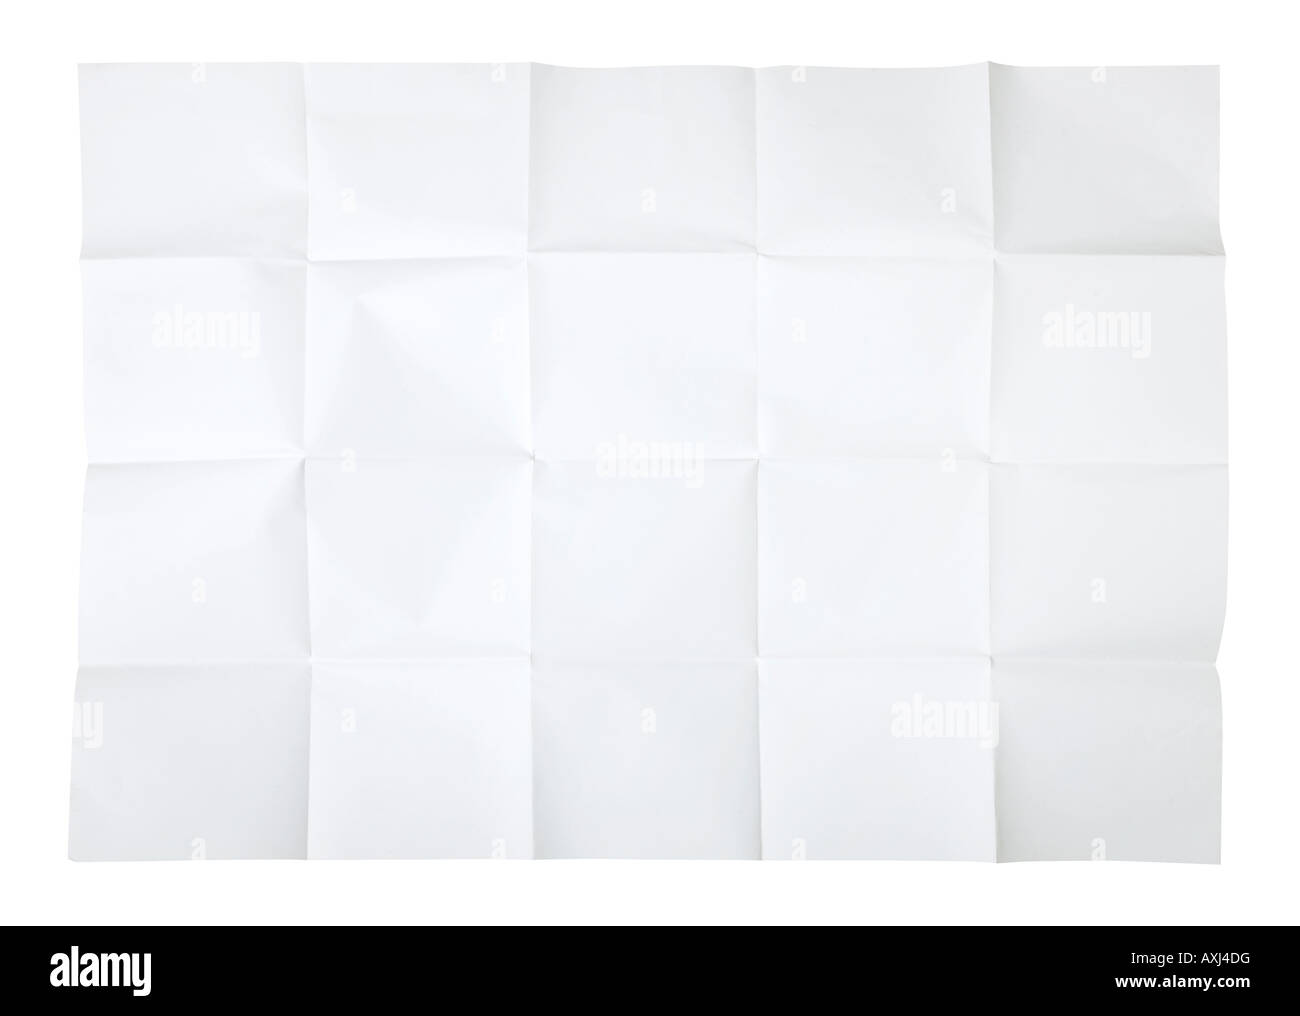 La carte dépliée blanc isolé sur fond blanc insérer votre propre design Photo Stock